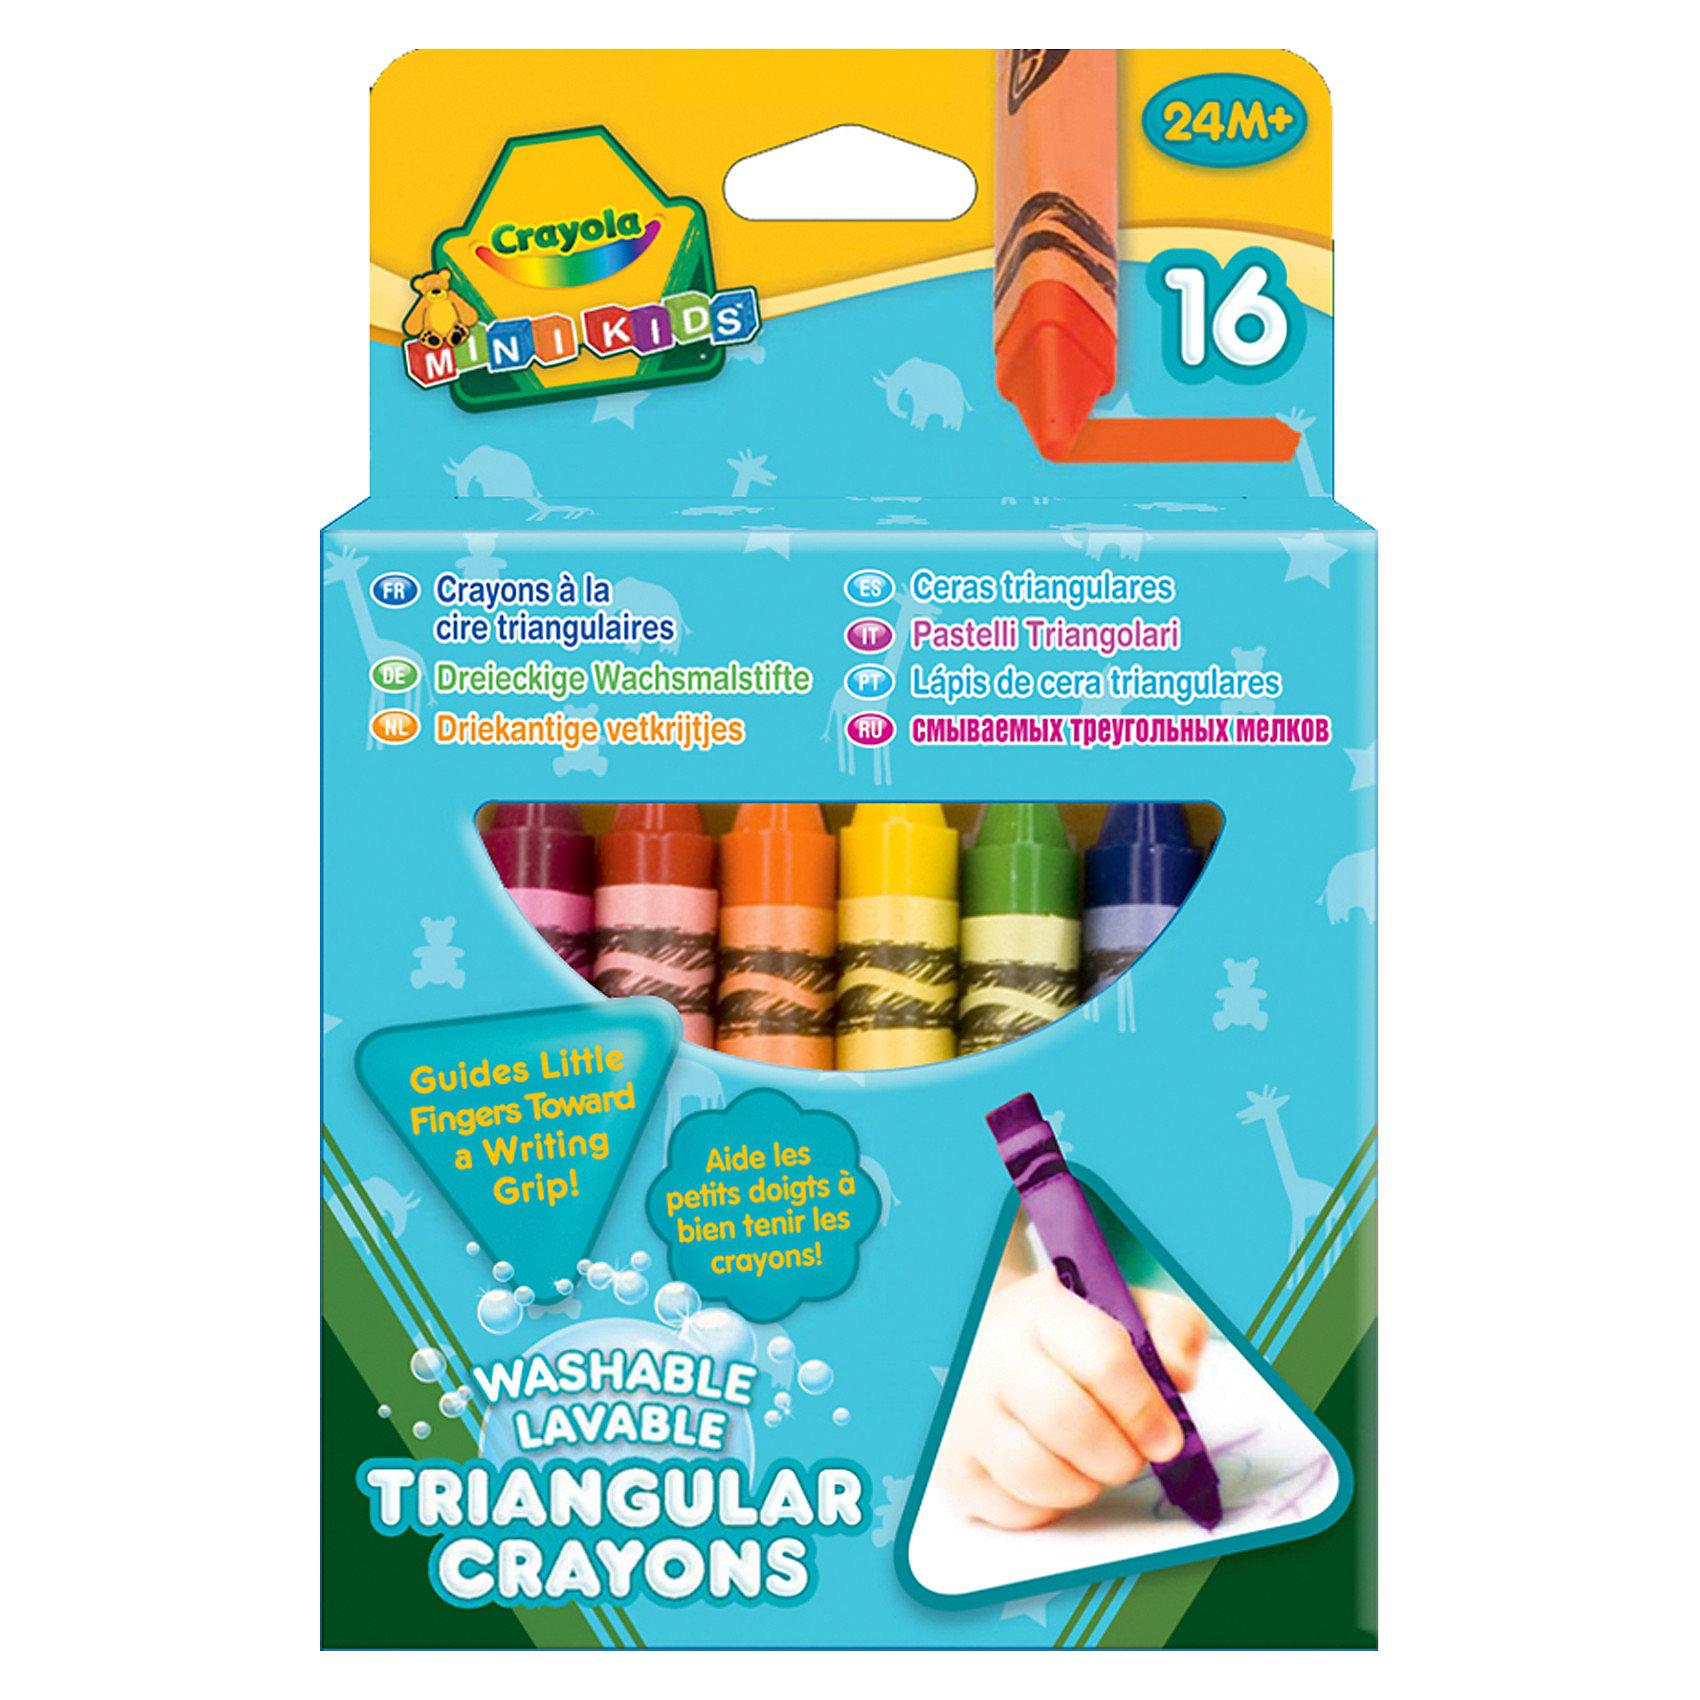 16 смываемых треугольных восковых мелков, Crayola